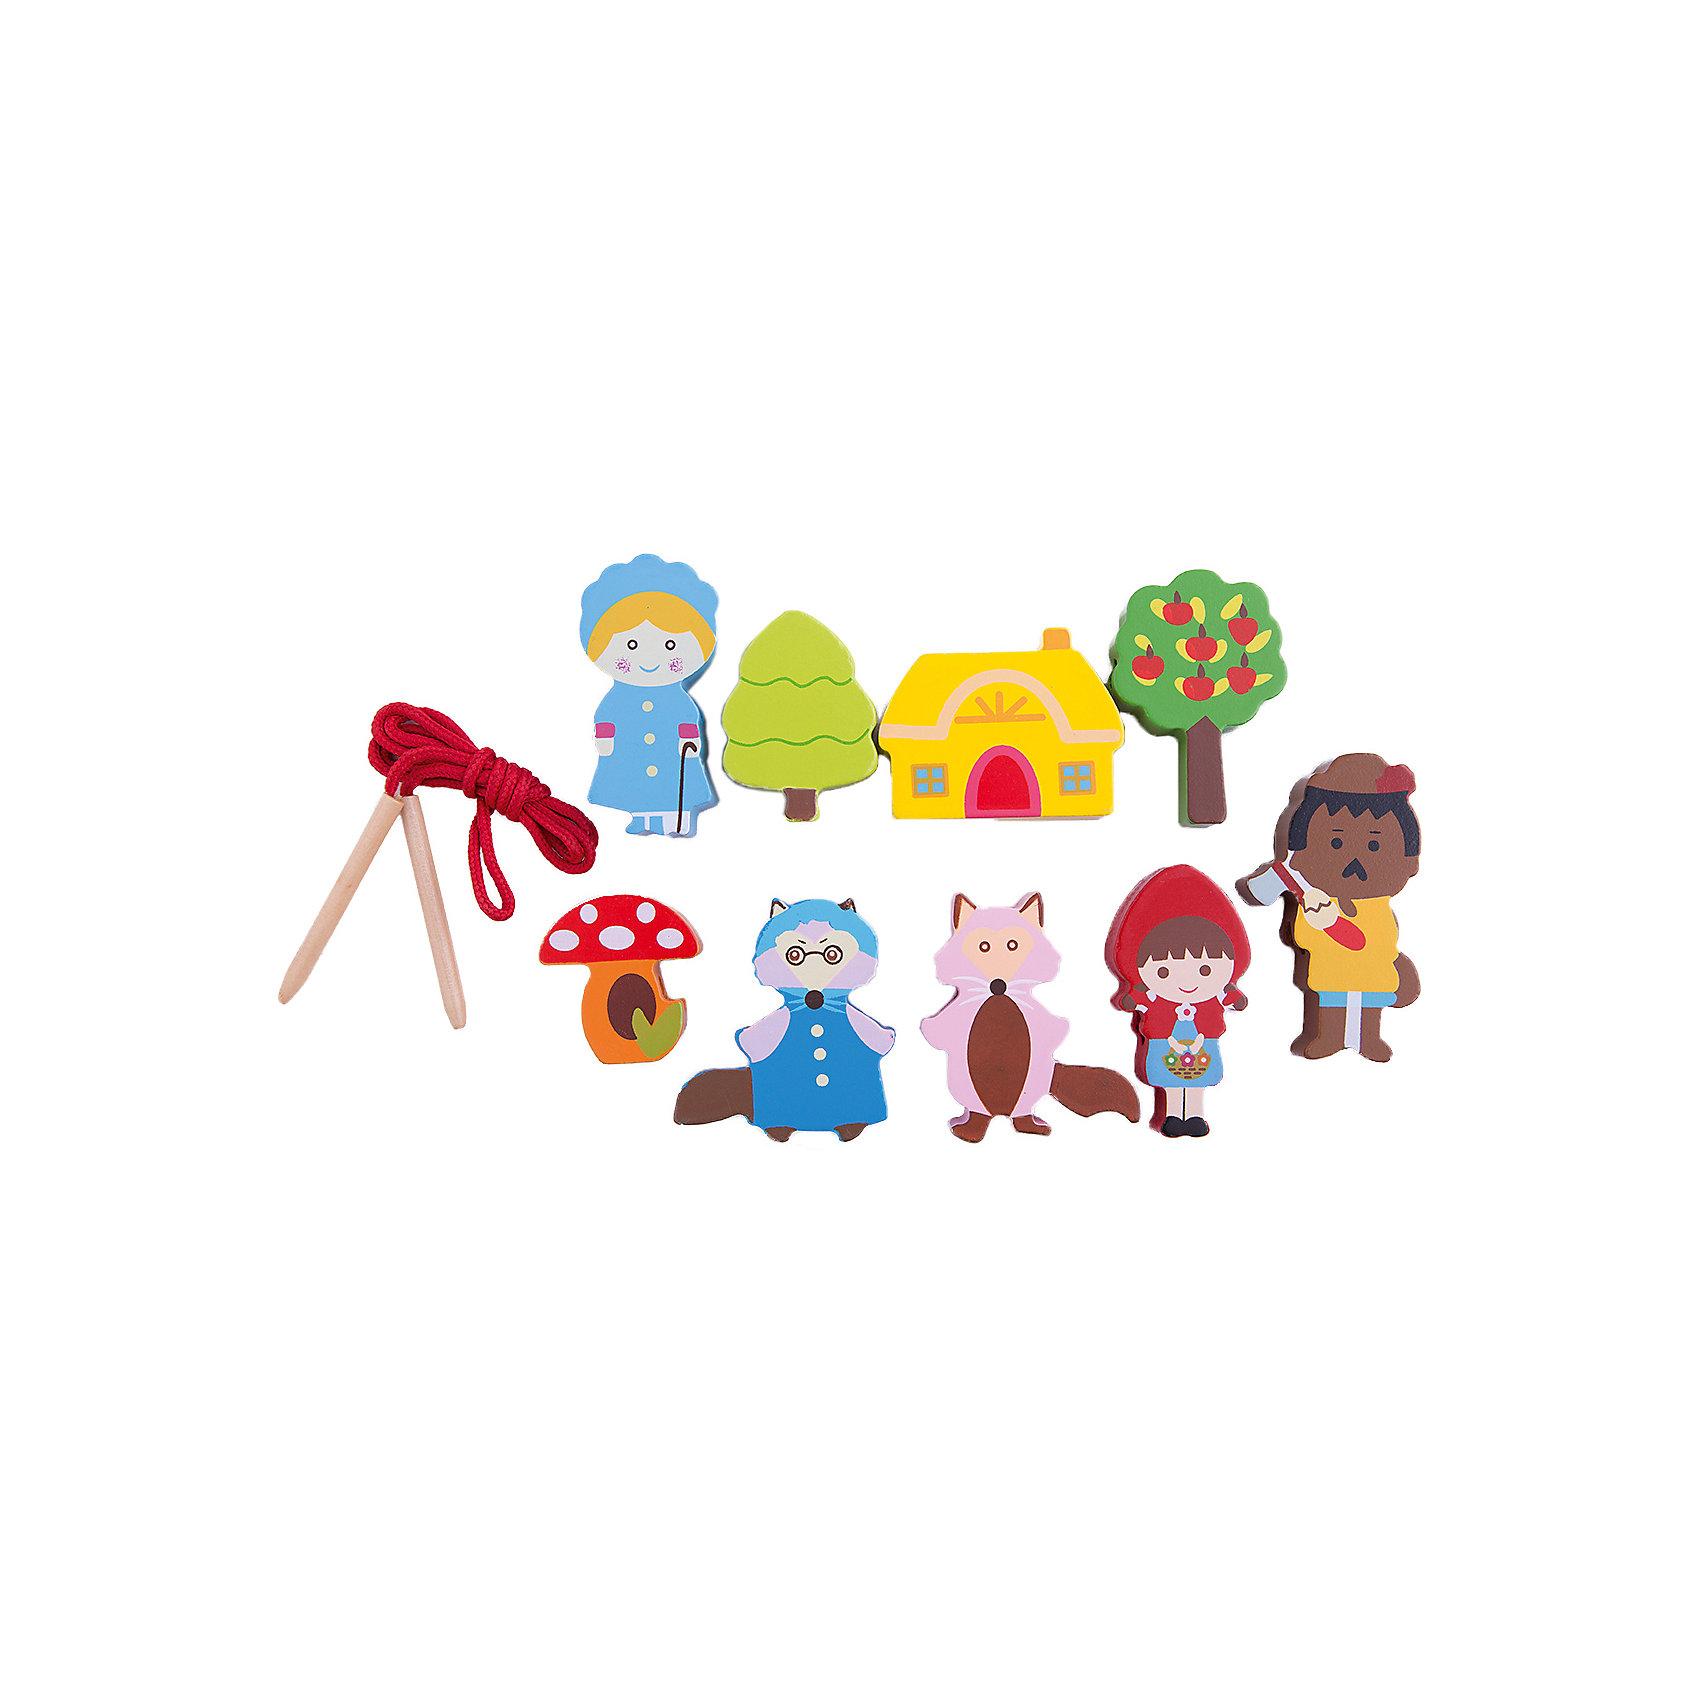 Шнуровка - бусы Красная шапочка, MapachaШнуровка - бусы Красная шапочка от популярного бренда развивающих детских товаров Mapacha (Мапача) развлечет вашего ребенка. Девять ярких фигурок-бусинок по мотивам сказки красная шапочка придет по вкусу вашему малышу и позволит придумать множество комбинаций нанизывания и разных историй связанных с героями сказки. В набор входят удобные большие деревянные иглы, с помощью которых ребенку удобно нанизывать бусины. Этот набор изготовлен из экологически чистого и натурального материала – дерева, отлично отшлифован и окрашен в яркие цвета. Все герои раскрашены безопасными красками. С помощью шнуровки малыш сможет развить логику, разработать моторику рук, внимание и воображение.<br><br>Дополнительная информация:<br><br>- В комплект входит: 9 фигурок, 1 шнурок с деревянными иглами<br>- Материал: дерево, текстиль<br>- Размер упаковки: 14 * 2 *23 см<br><br>Шнуровку - бусы Красная шапочка, Mapacha (Мапача) можно купить в нашем интернет-магазине.<br><br>Подробнее:<br>• Для детей в возрасте: от 3 до 7 лет<br>• Номер товара: 4925606<br>Страна производитель: Китай<br><br>Ширина мм: 140<br>Глубина мм: 20<br>Высота мм: 230<br>Вес г: 104<br>Возраст от месяцев: 36<br>Возраст до месяцев: 84<br>Пол: Унисекс<br>Возраст: Детский<br>SKU: 4925606